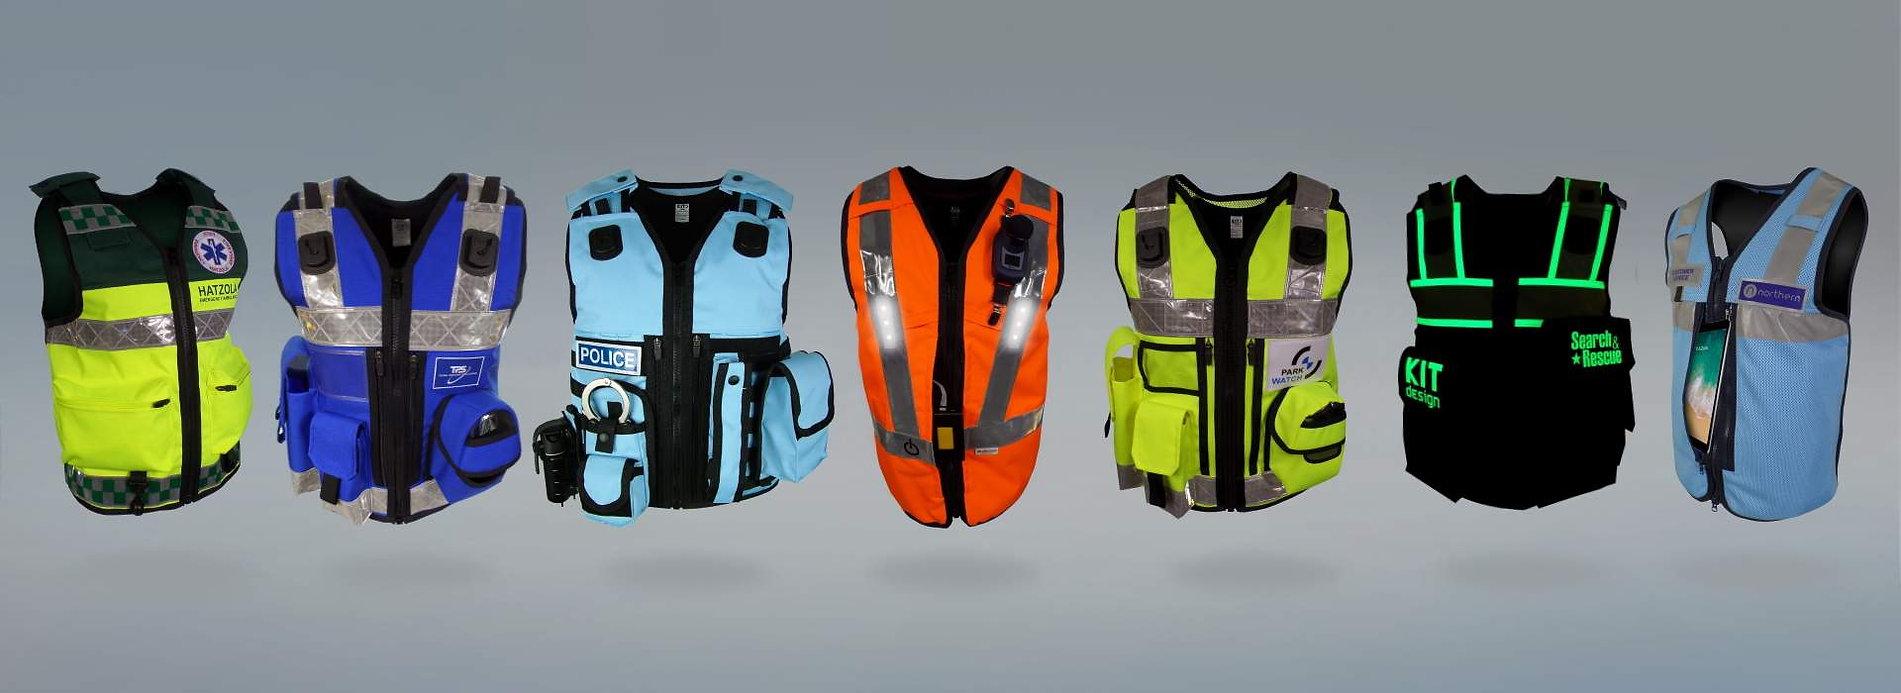 KIT Design Equipment Vests Wide Image JP